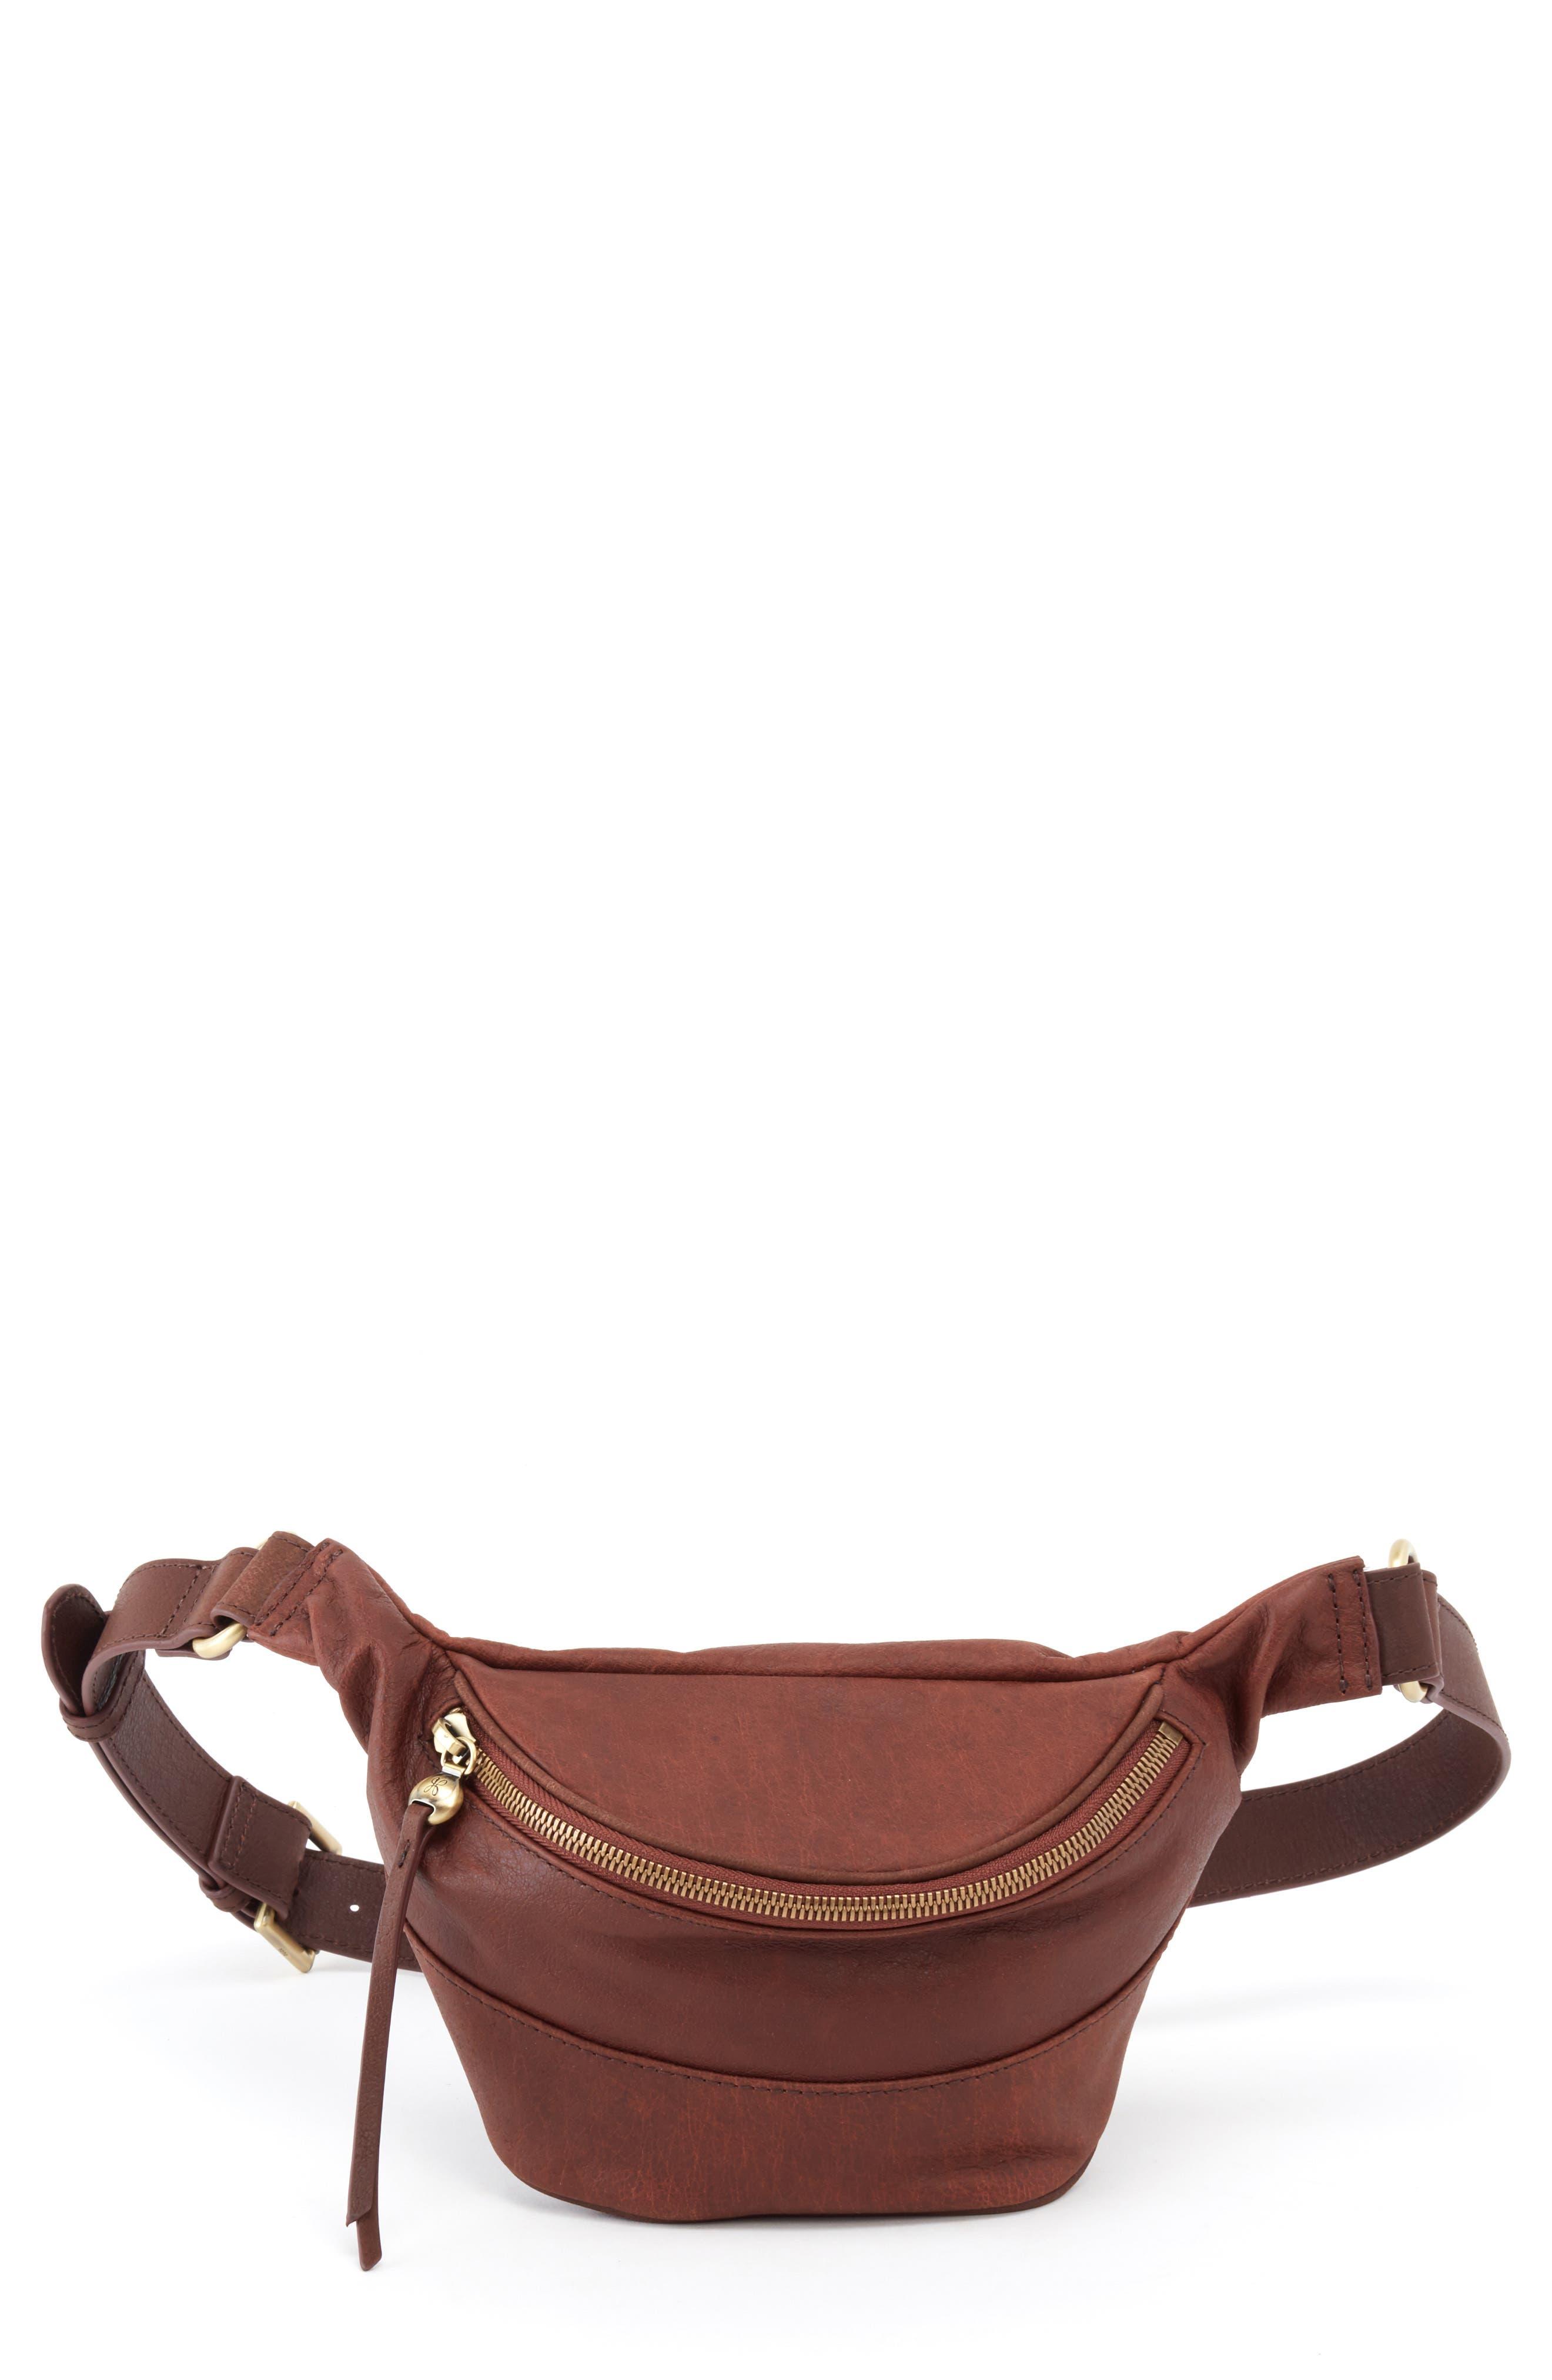 HOBO Jett Leather Belt Bag, Main, color, CHESTNUT